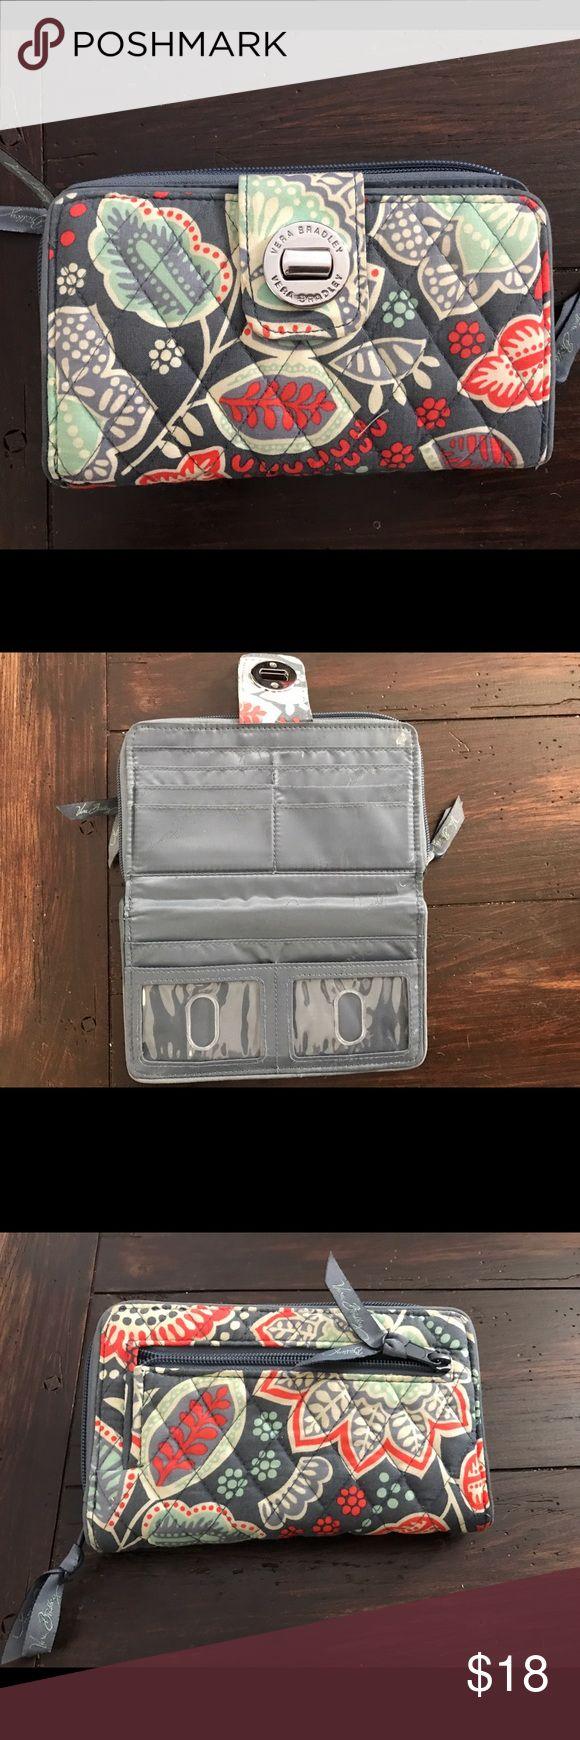 Vera Bradley Turn Lock Wallet GUC wallet in Nomadic Floral pattern. Plenty of space! Vera Bradley Bags Wallets